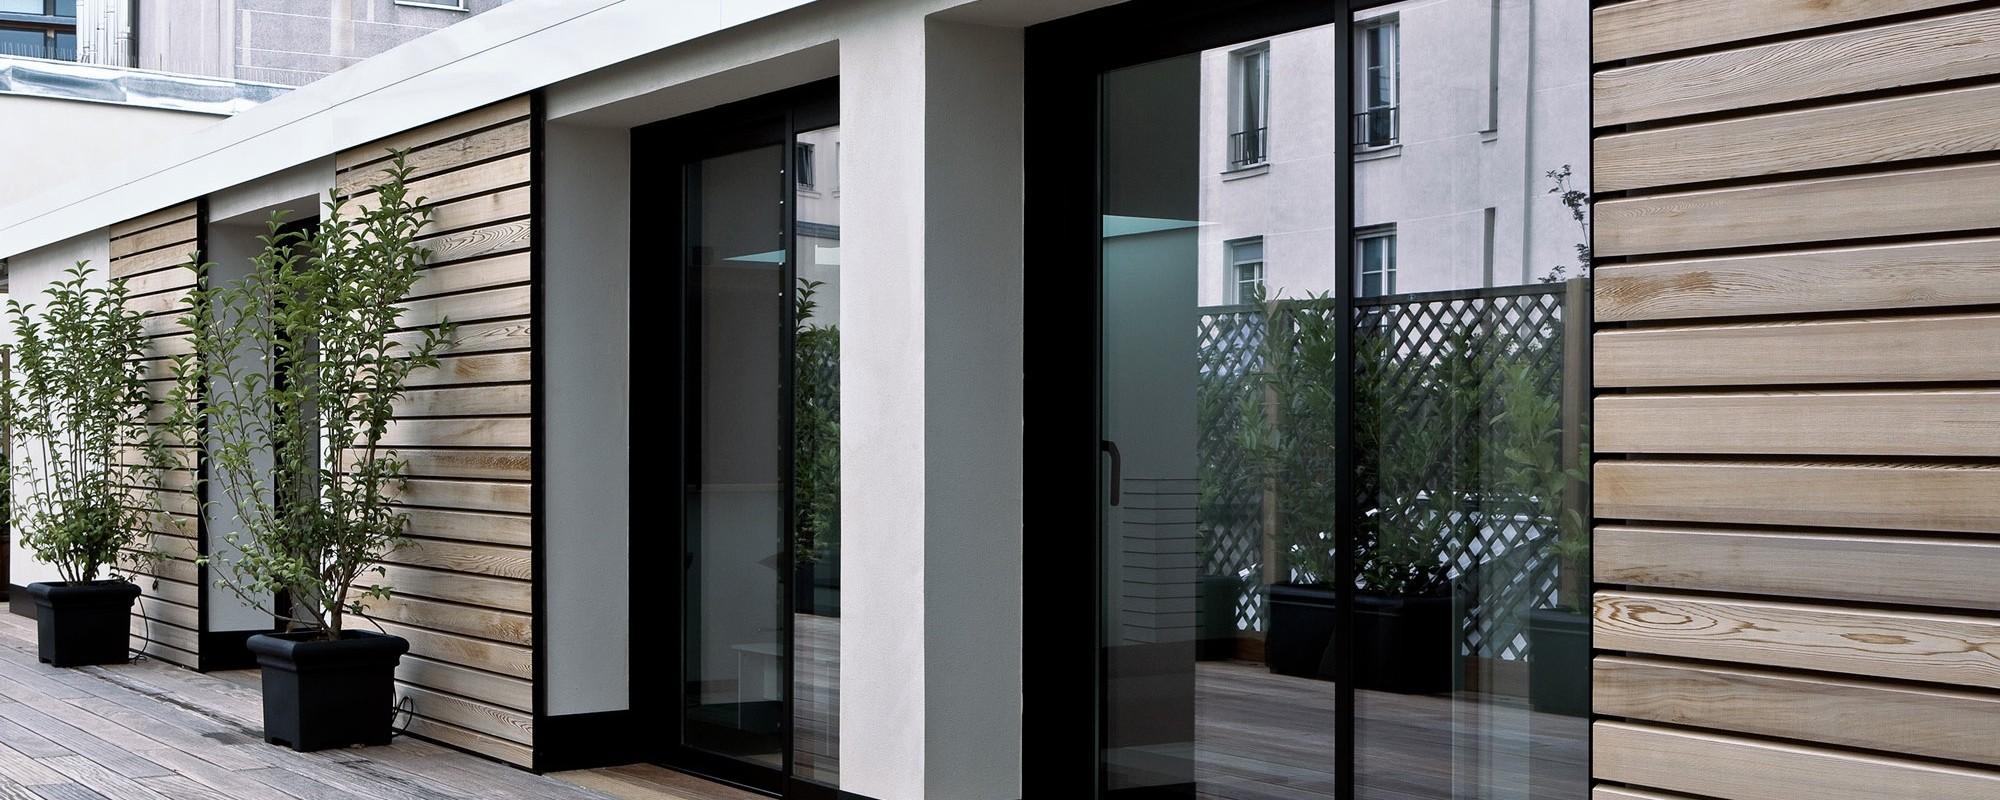 Logements sur terrasse Paris